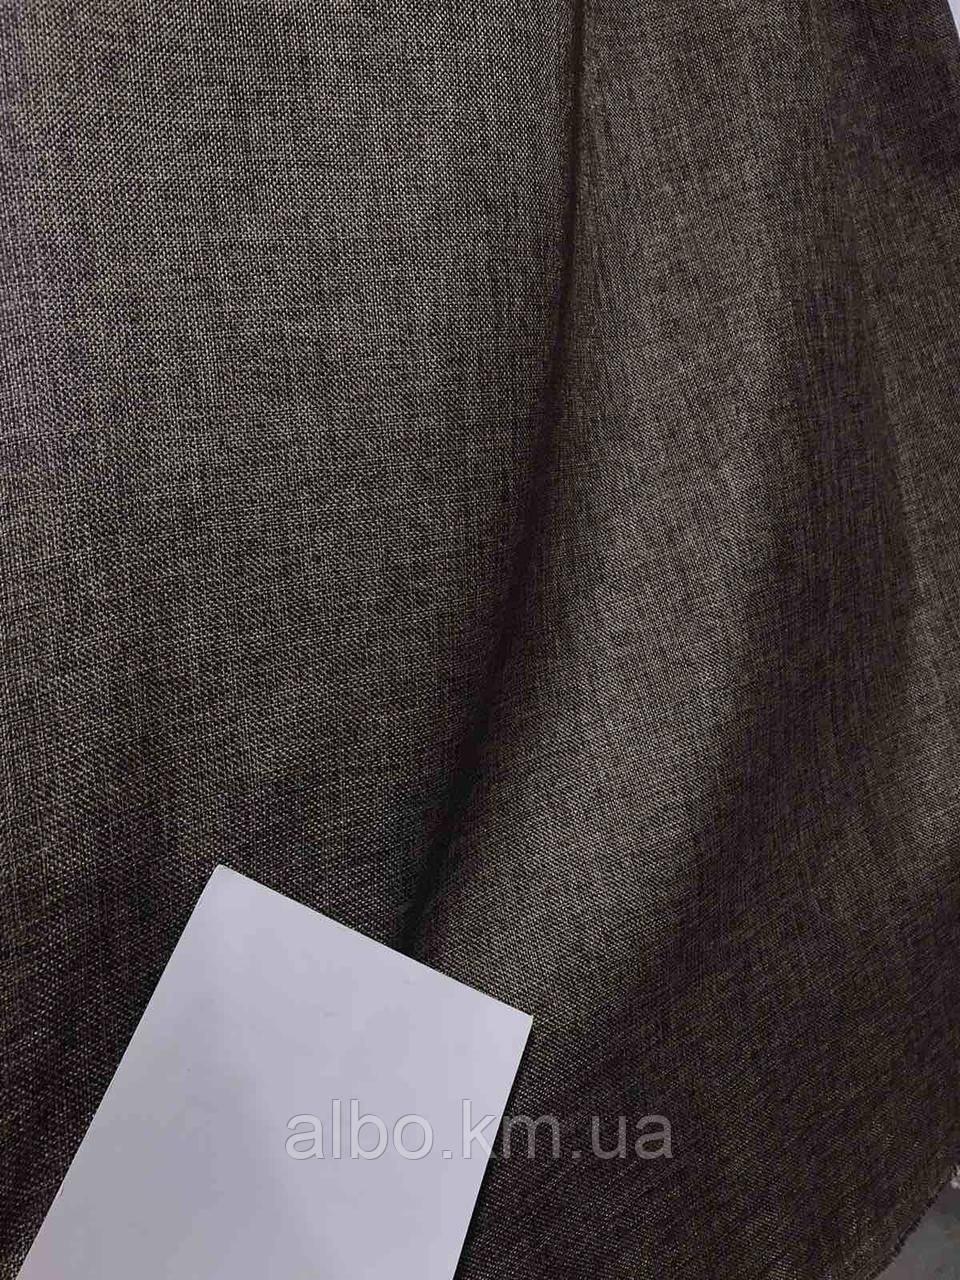 Легка лляна тканина в коричневому кольорі на метраж (М1-08)